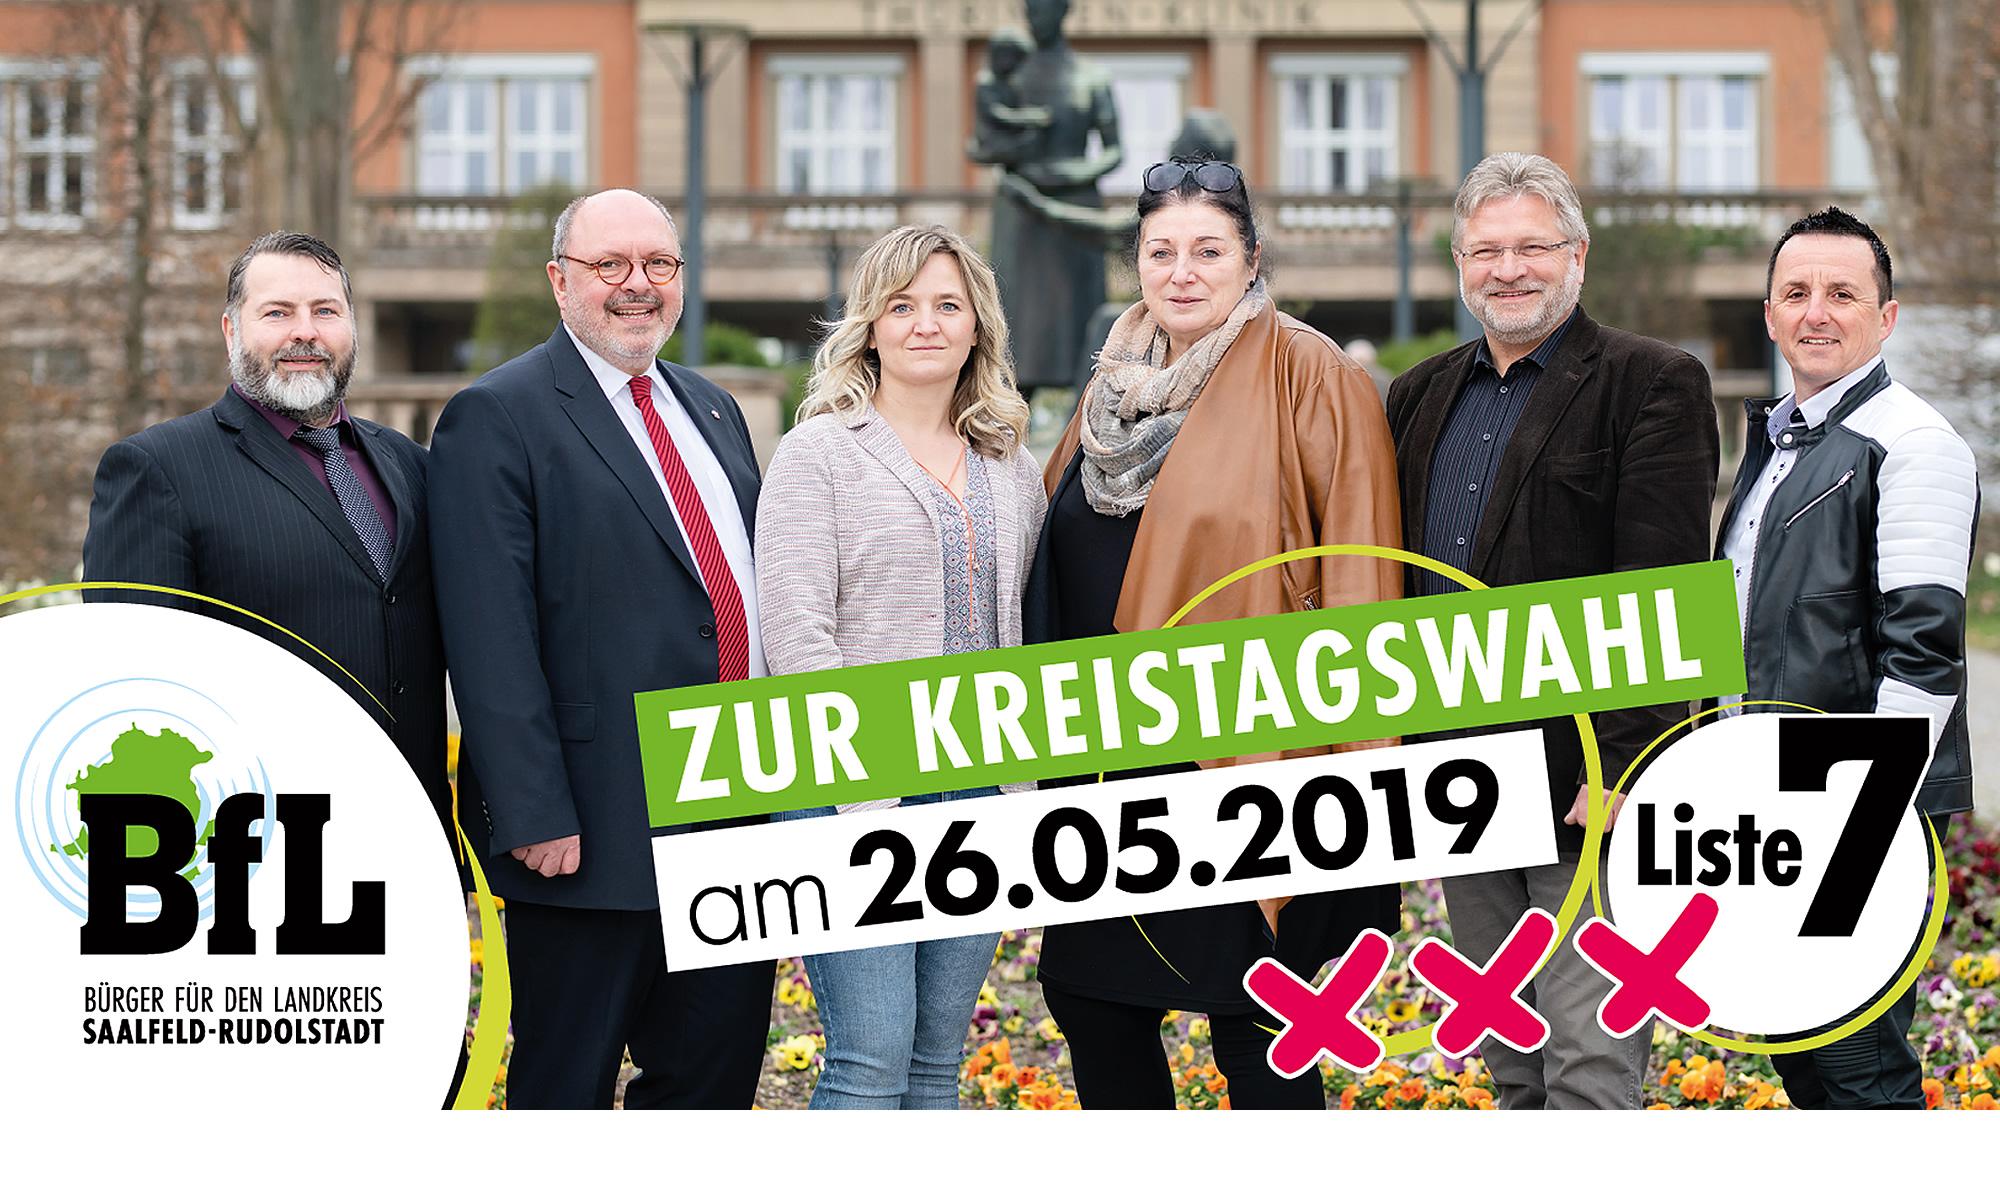 BfL - Bürger für den Landkreis Saalfeld-Rudolstadt